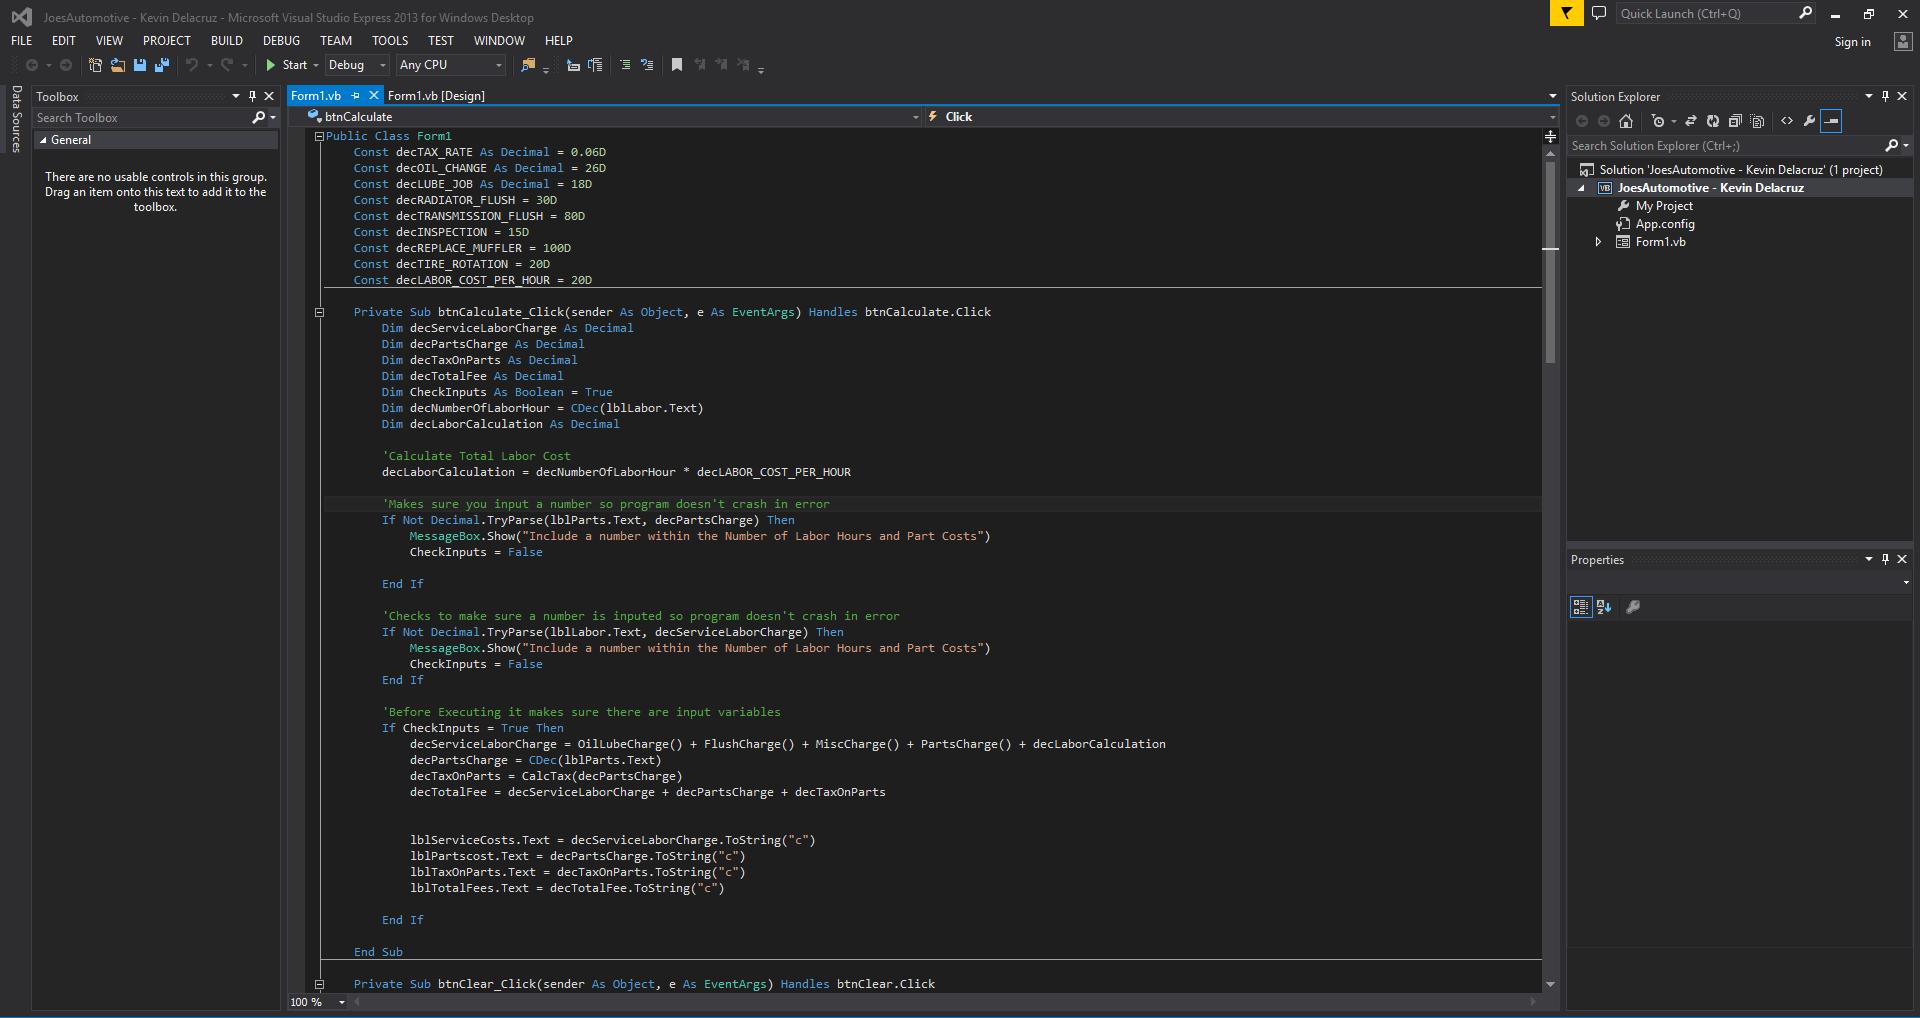 Visual Basic Code for the Program